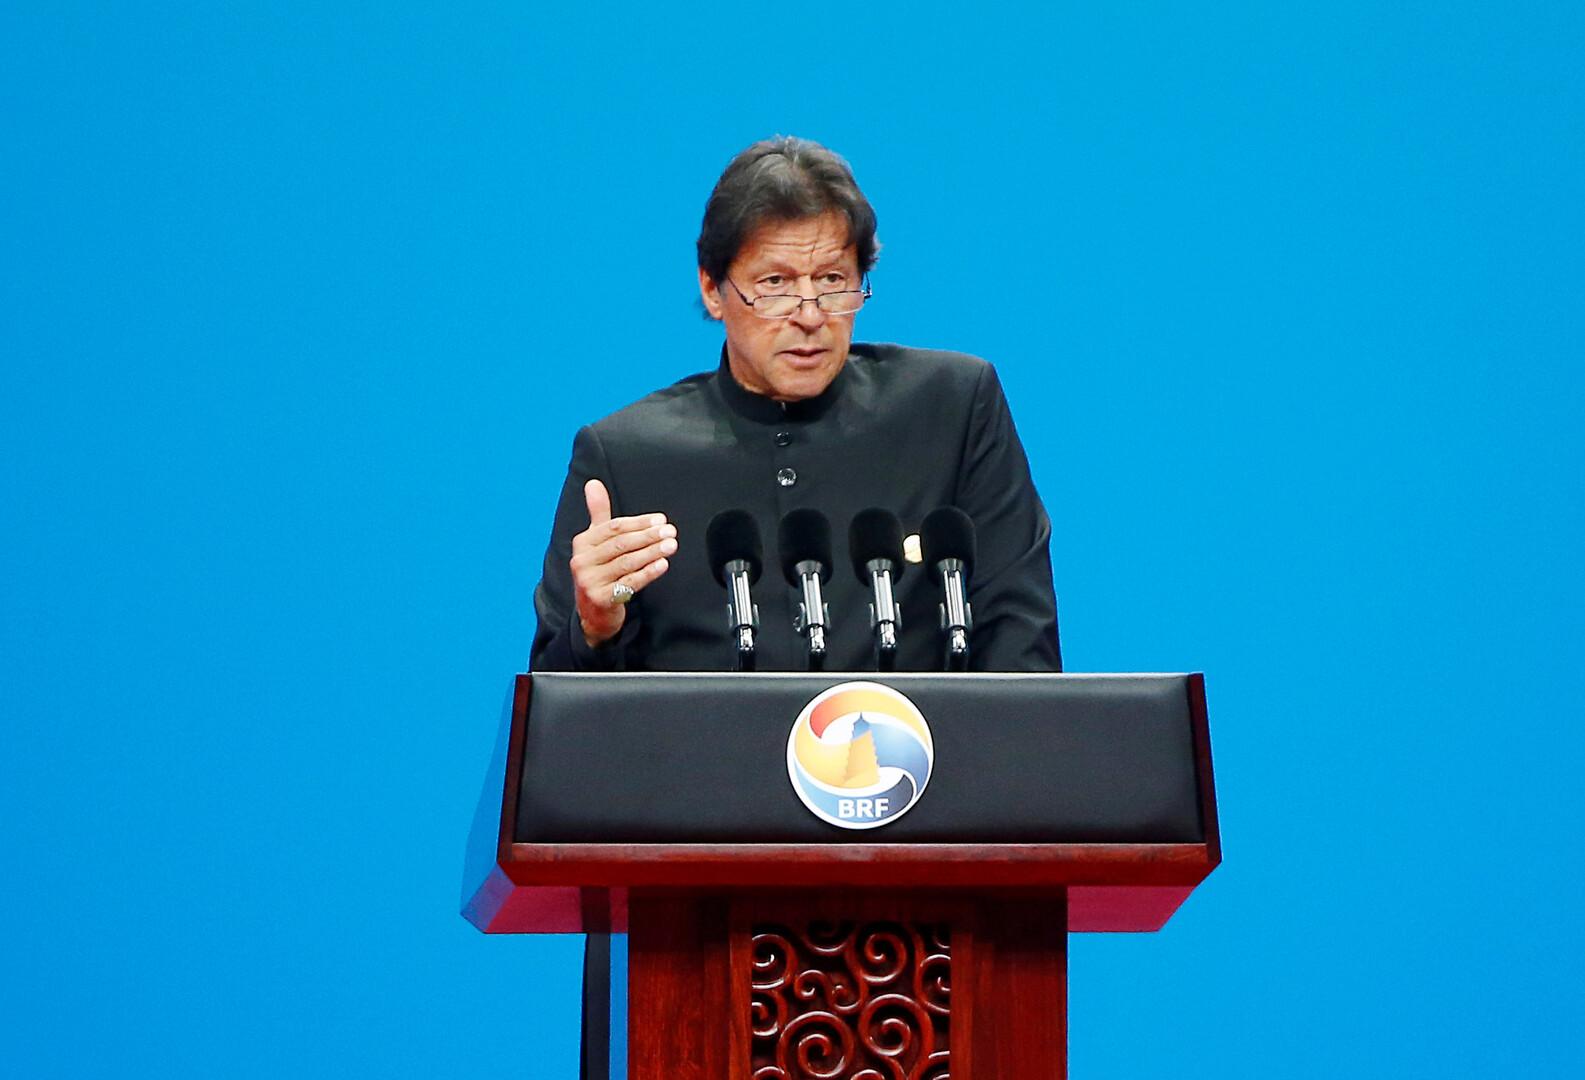 خان ينوي اتهام مودي من منبر الأمم المتحدة بممارسة الإرهاب في كشمير